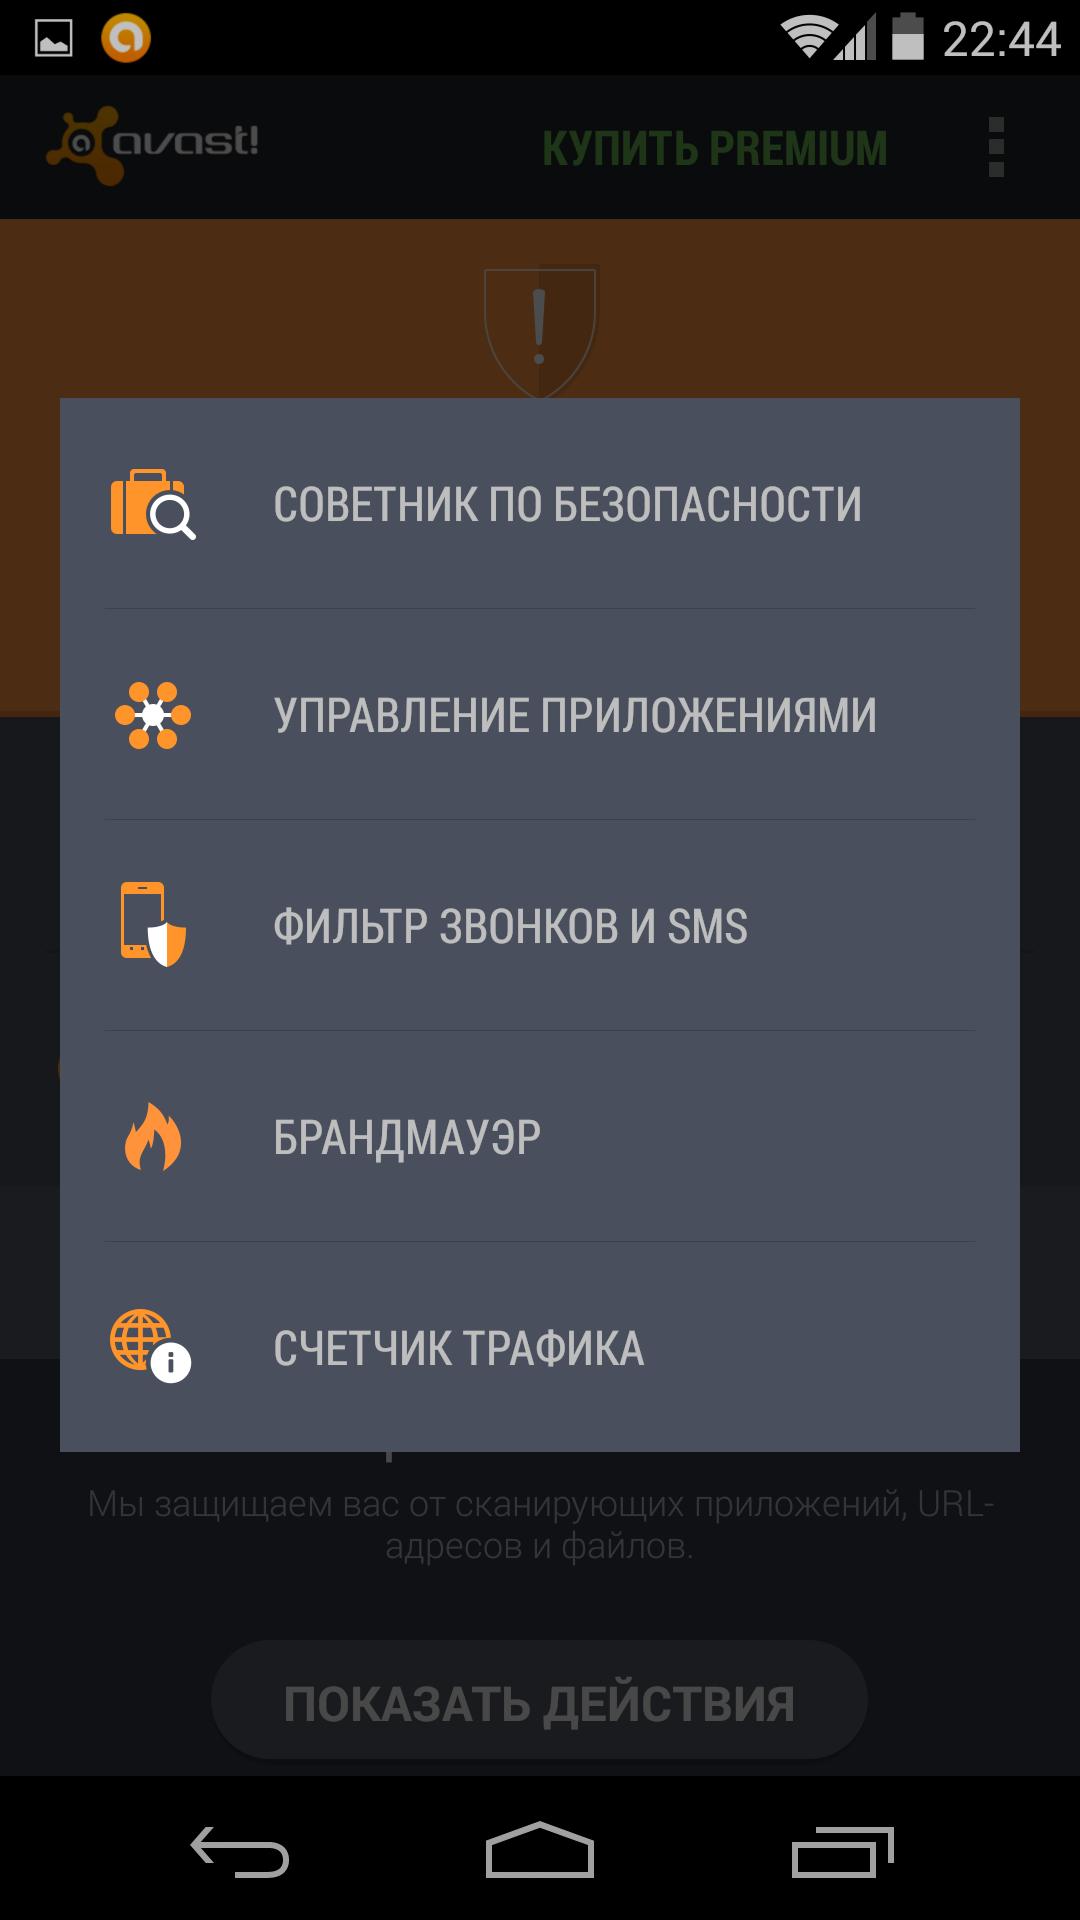 Функции Avast